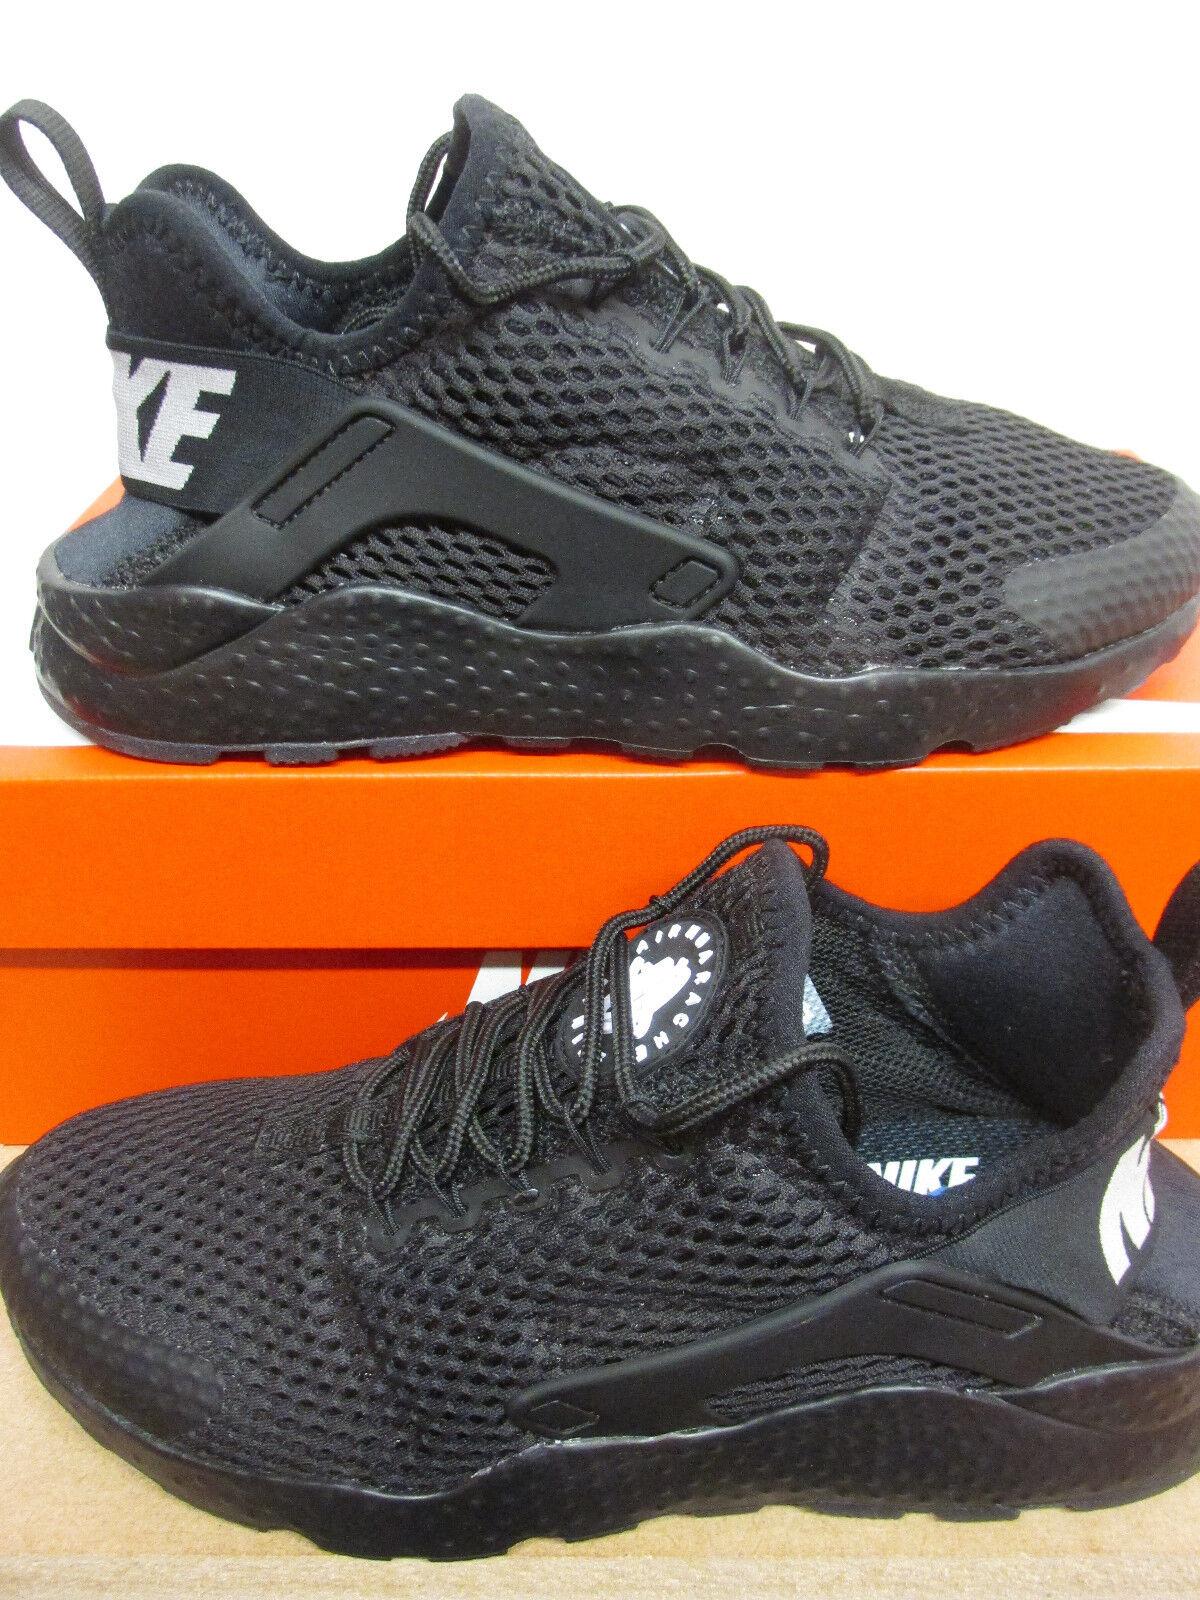 Nike Donna Ultra Huarache Run Ultra Donna Br Scarpe Sportive 833292 001 Scarpe da Tennis 237704